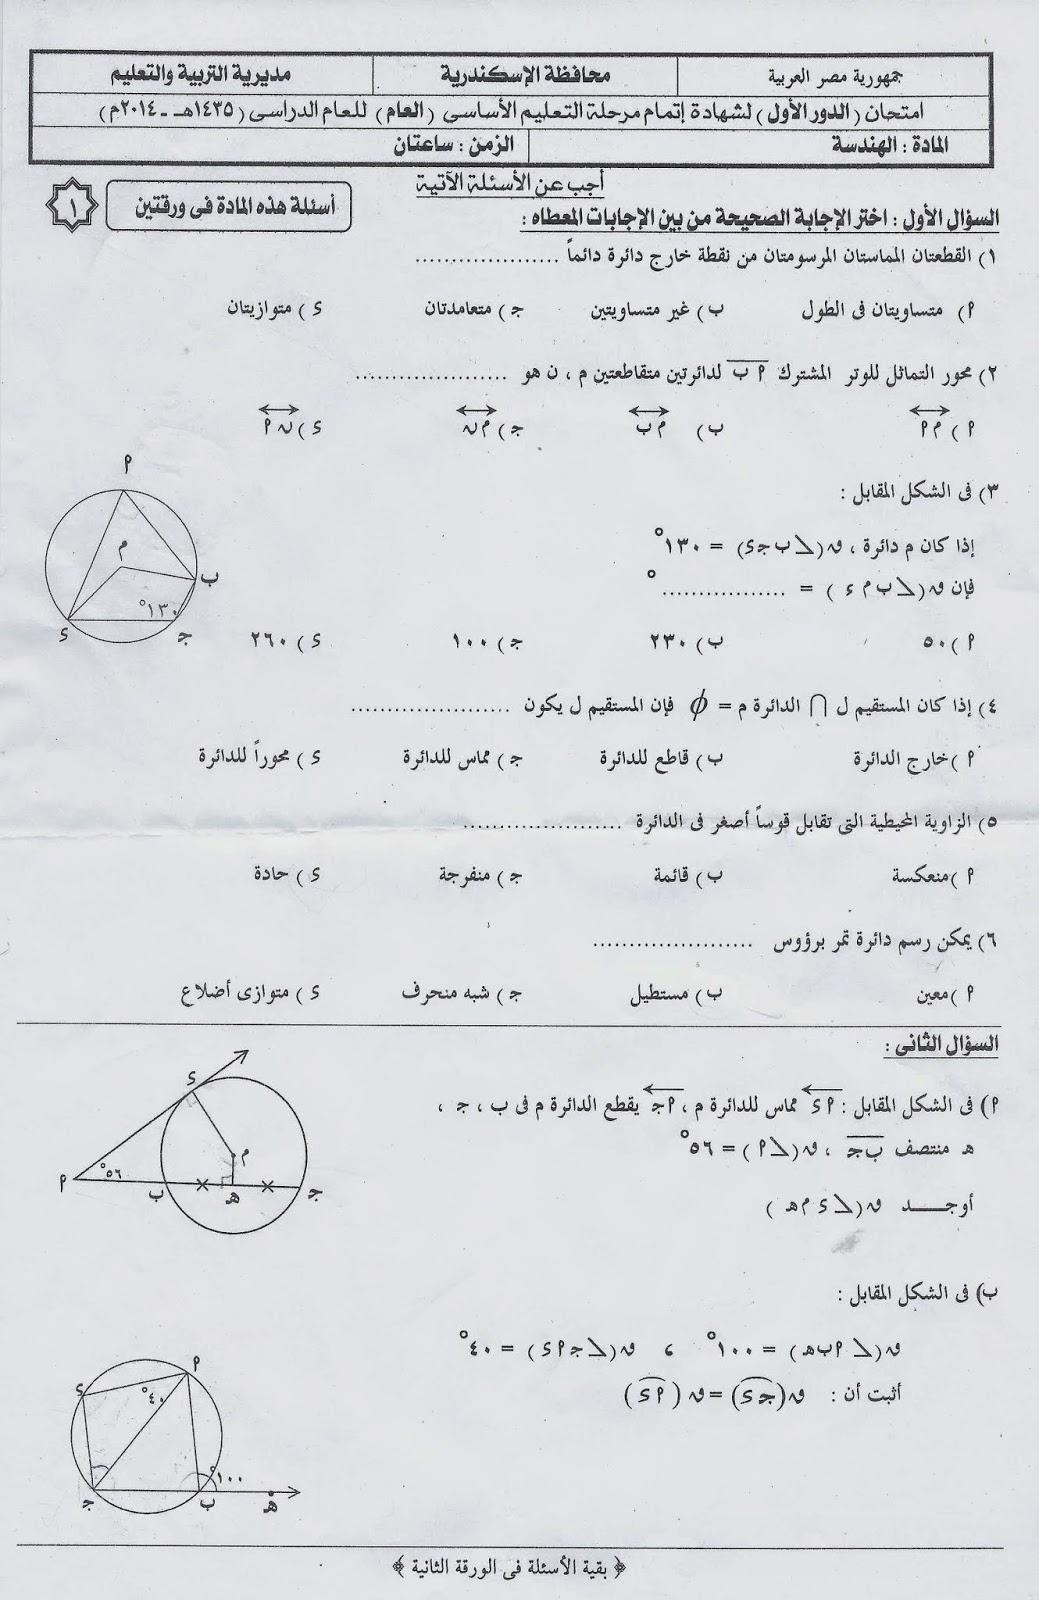 امتحان الهندسة محافظة الاسكندرية والاجابة النموذجية الشهادة الاعدادية اخر العام 2014 scan.jpg